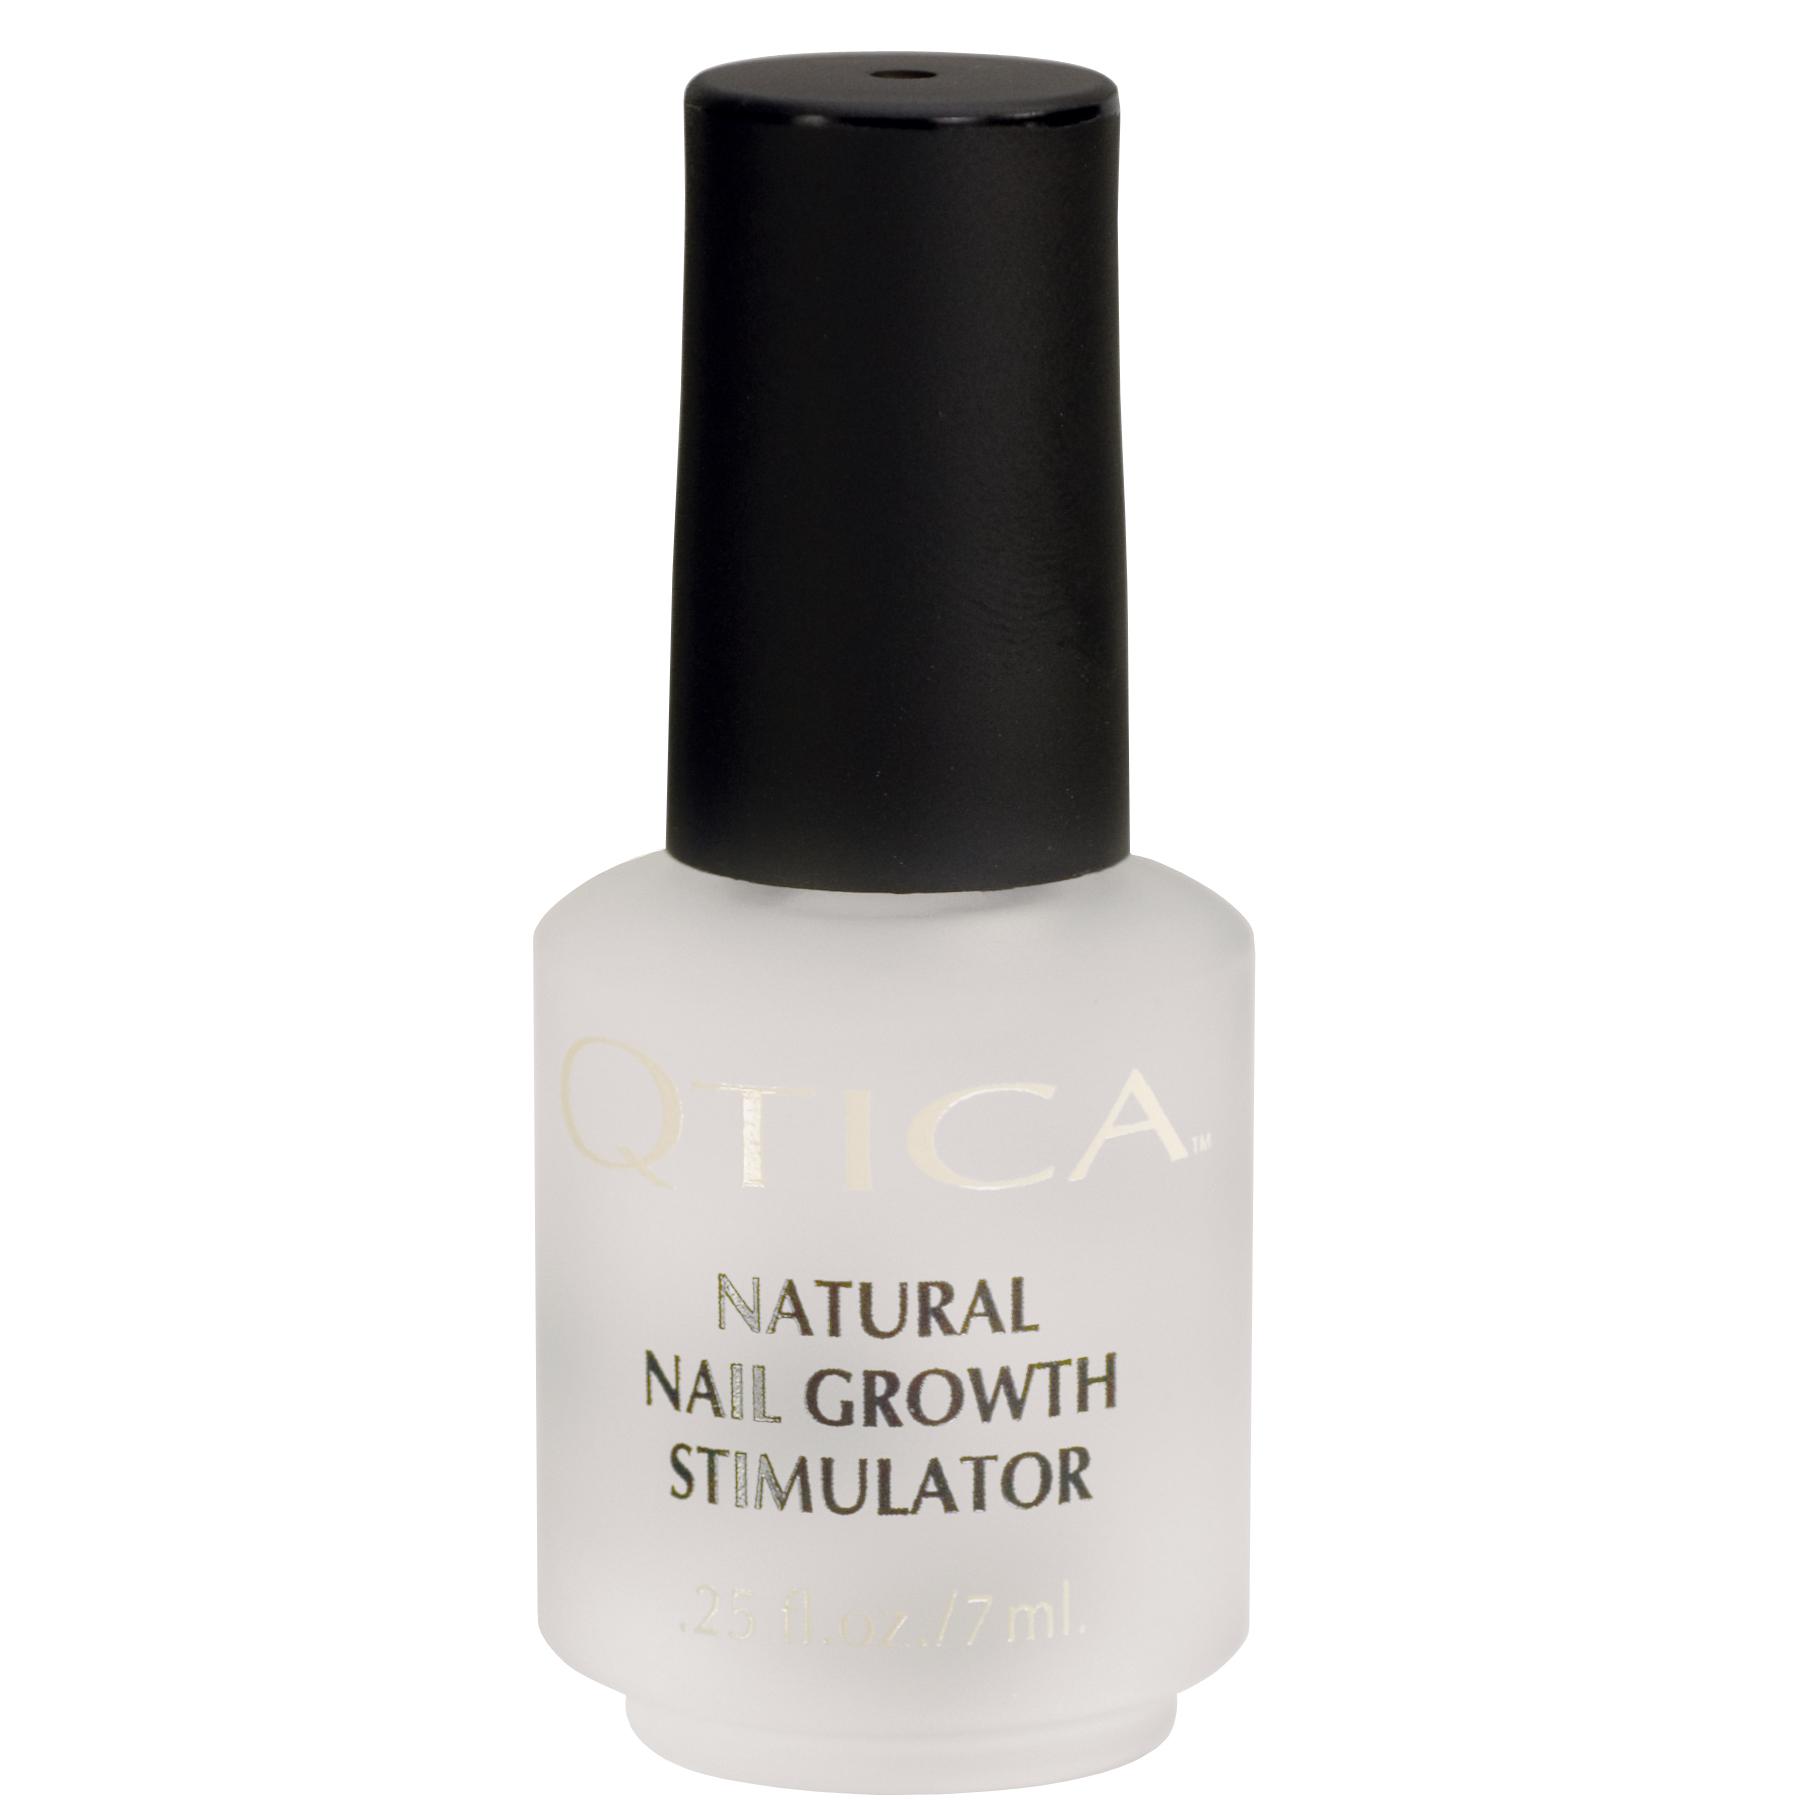 Qtica Nail Growth Stimulator  product impression